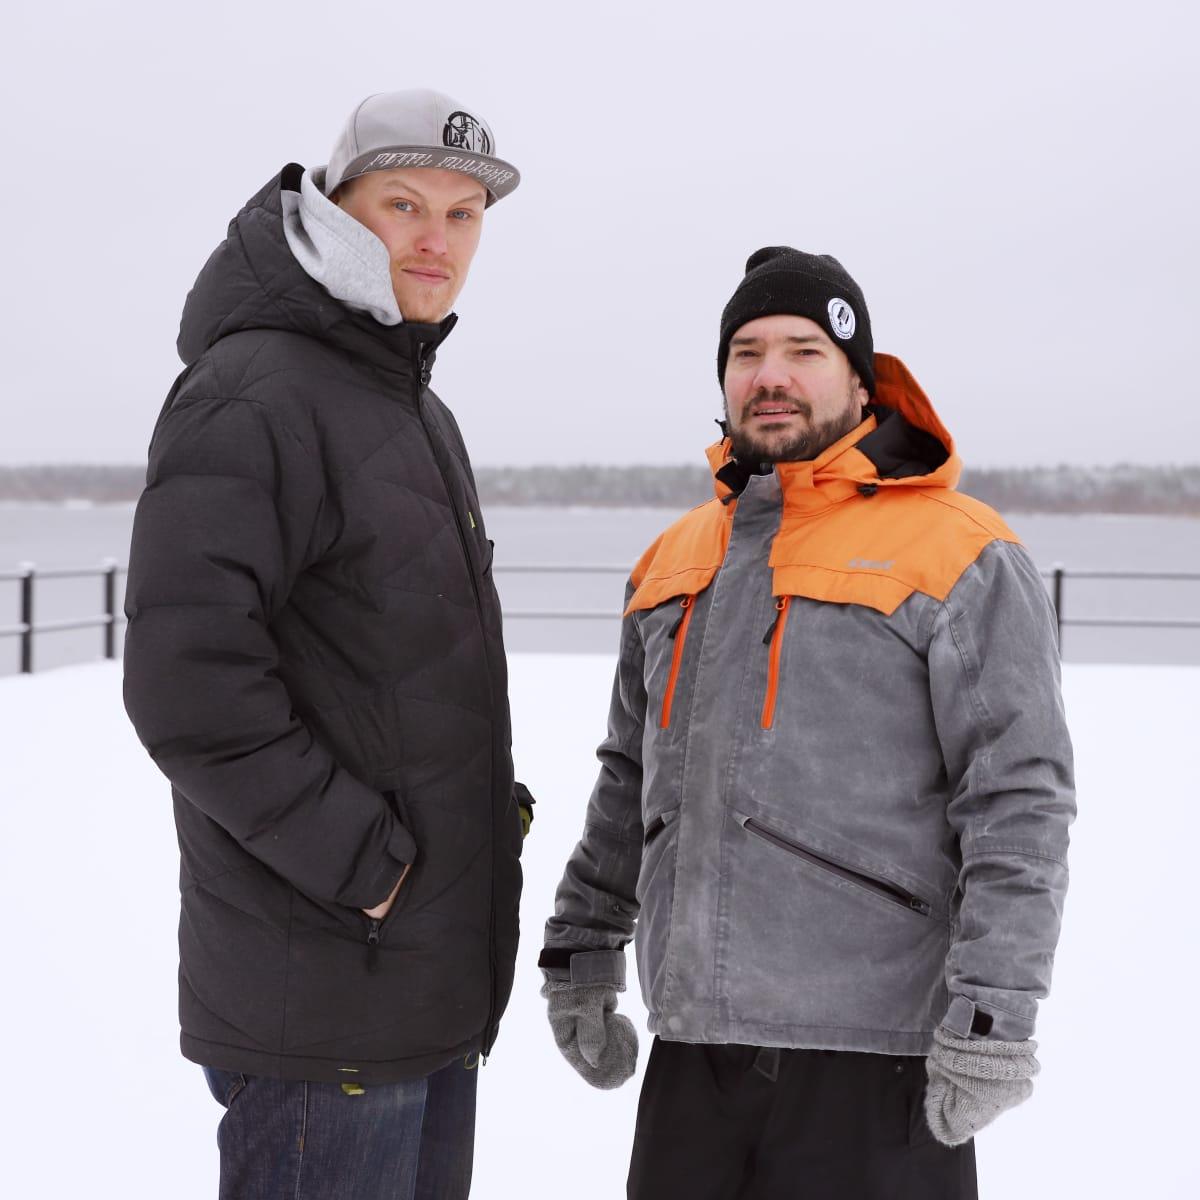 Koomikko Jean-Eric 'Zaani' Chaumentin (oik.) ja Ville Wallenius.